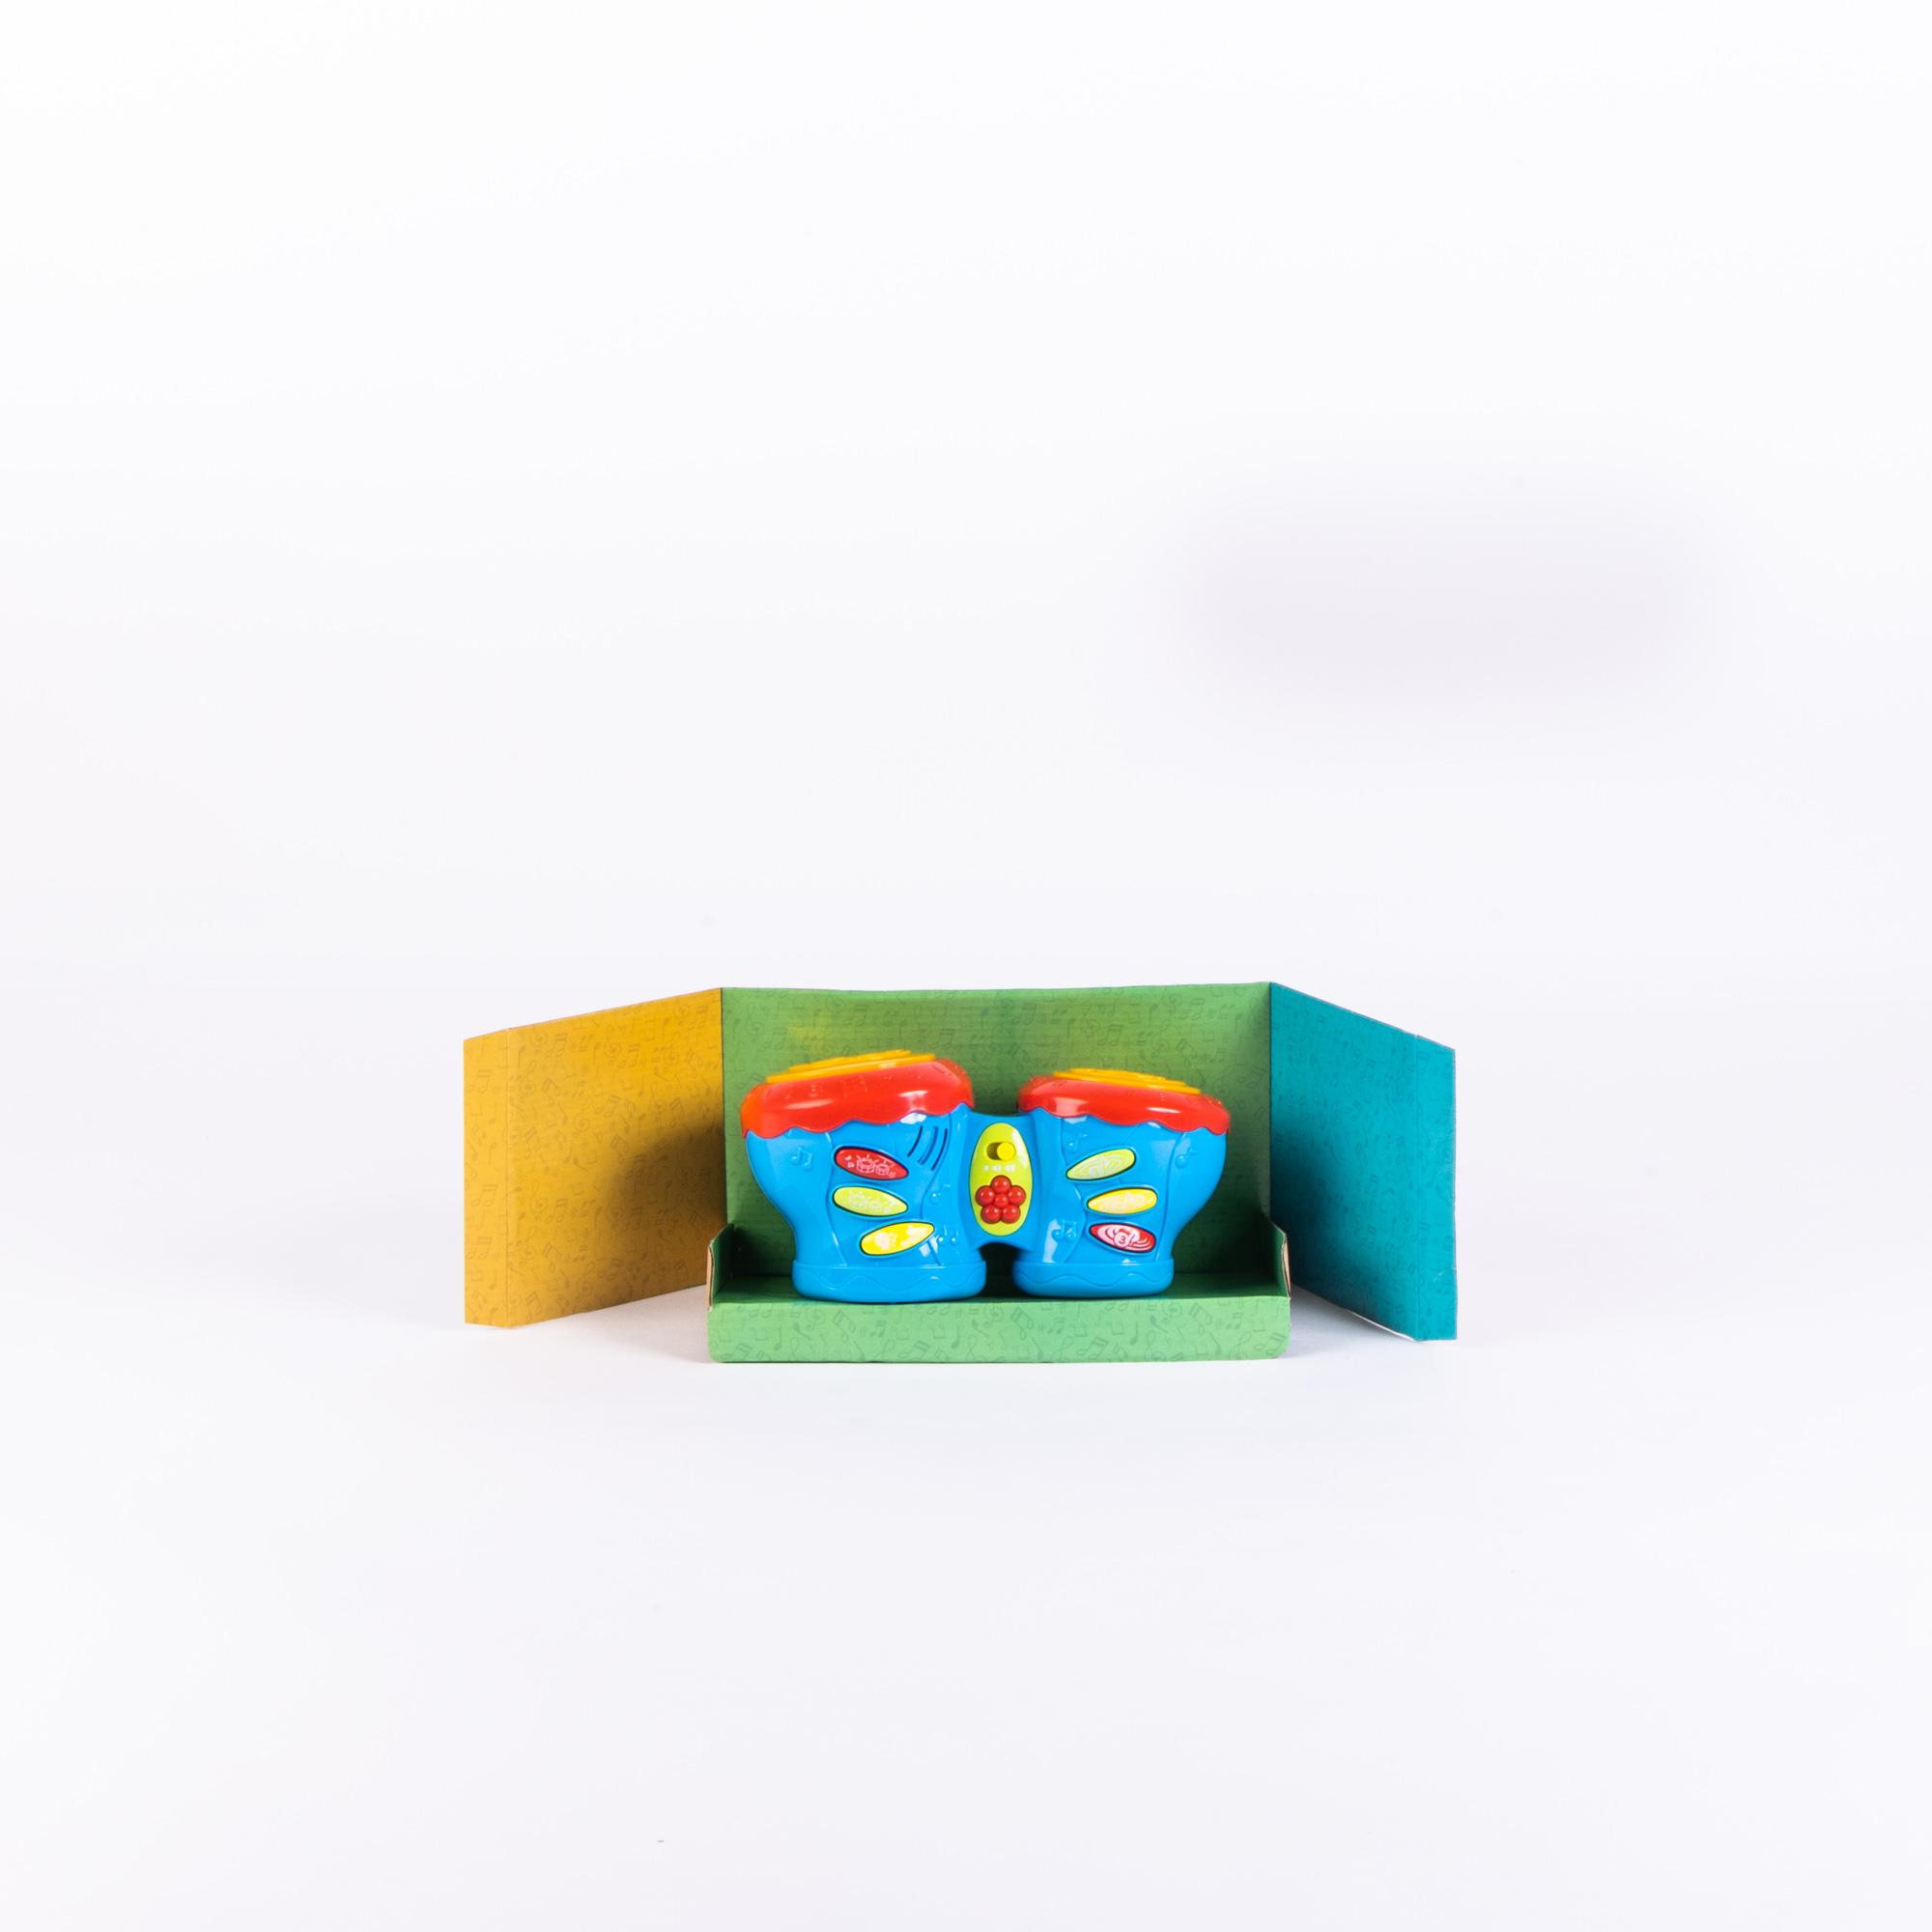 Tambor Duplo Brinquedo Mundo Mágico